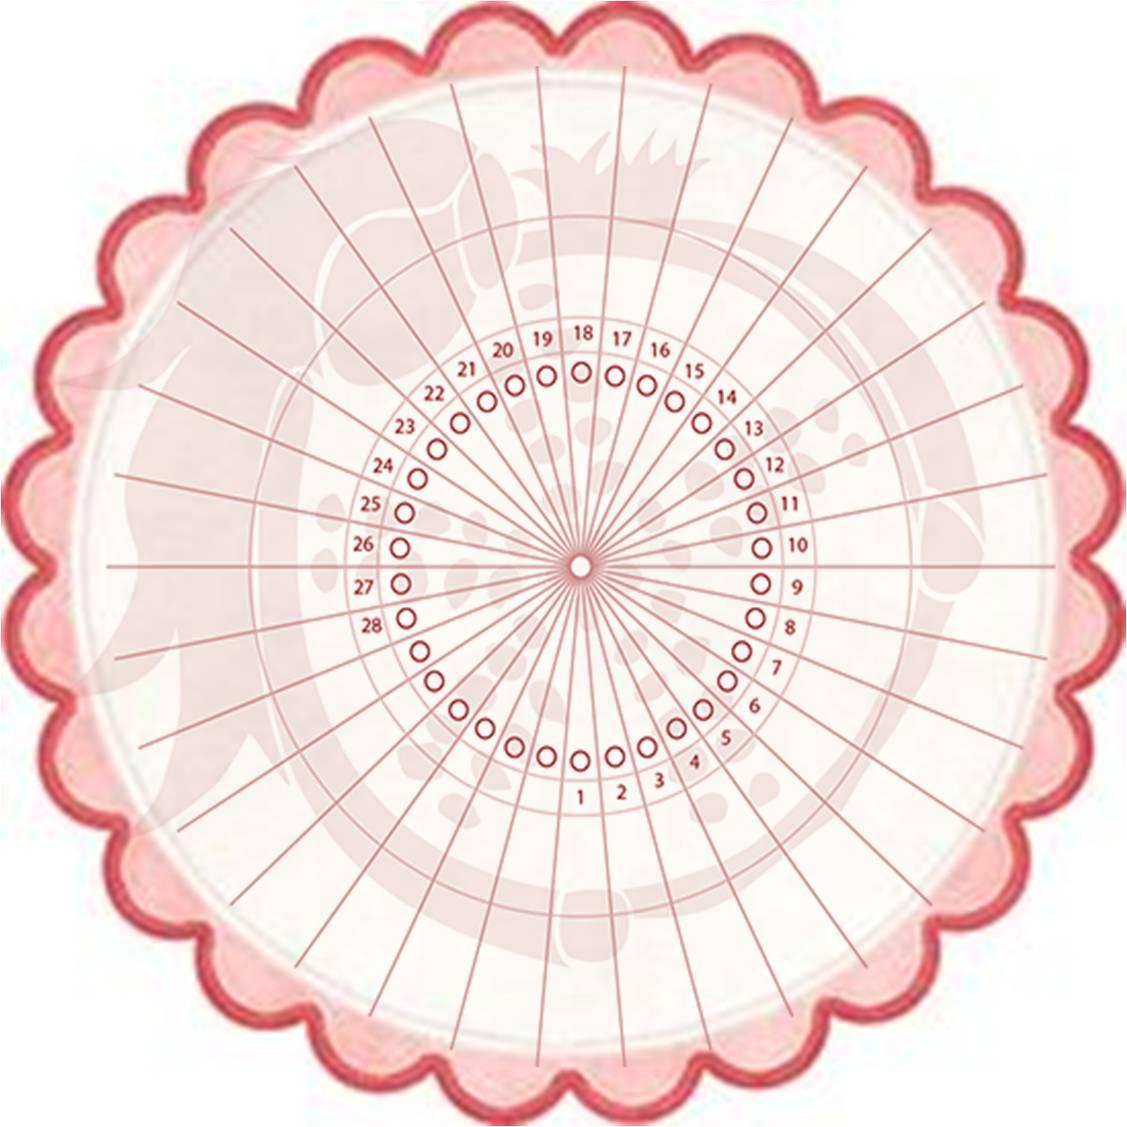 Mujeres del 5 mundo como utilizar el diagrama menstrual for Ciclo lunar julio 2016